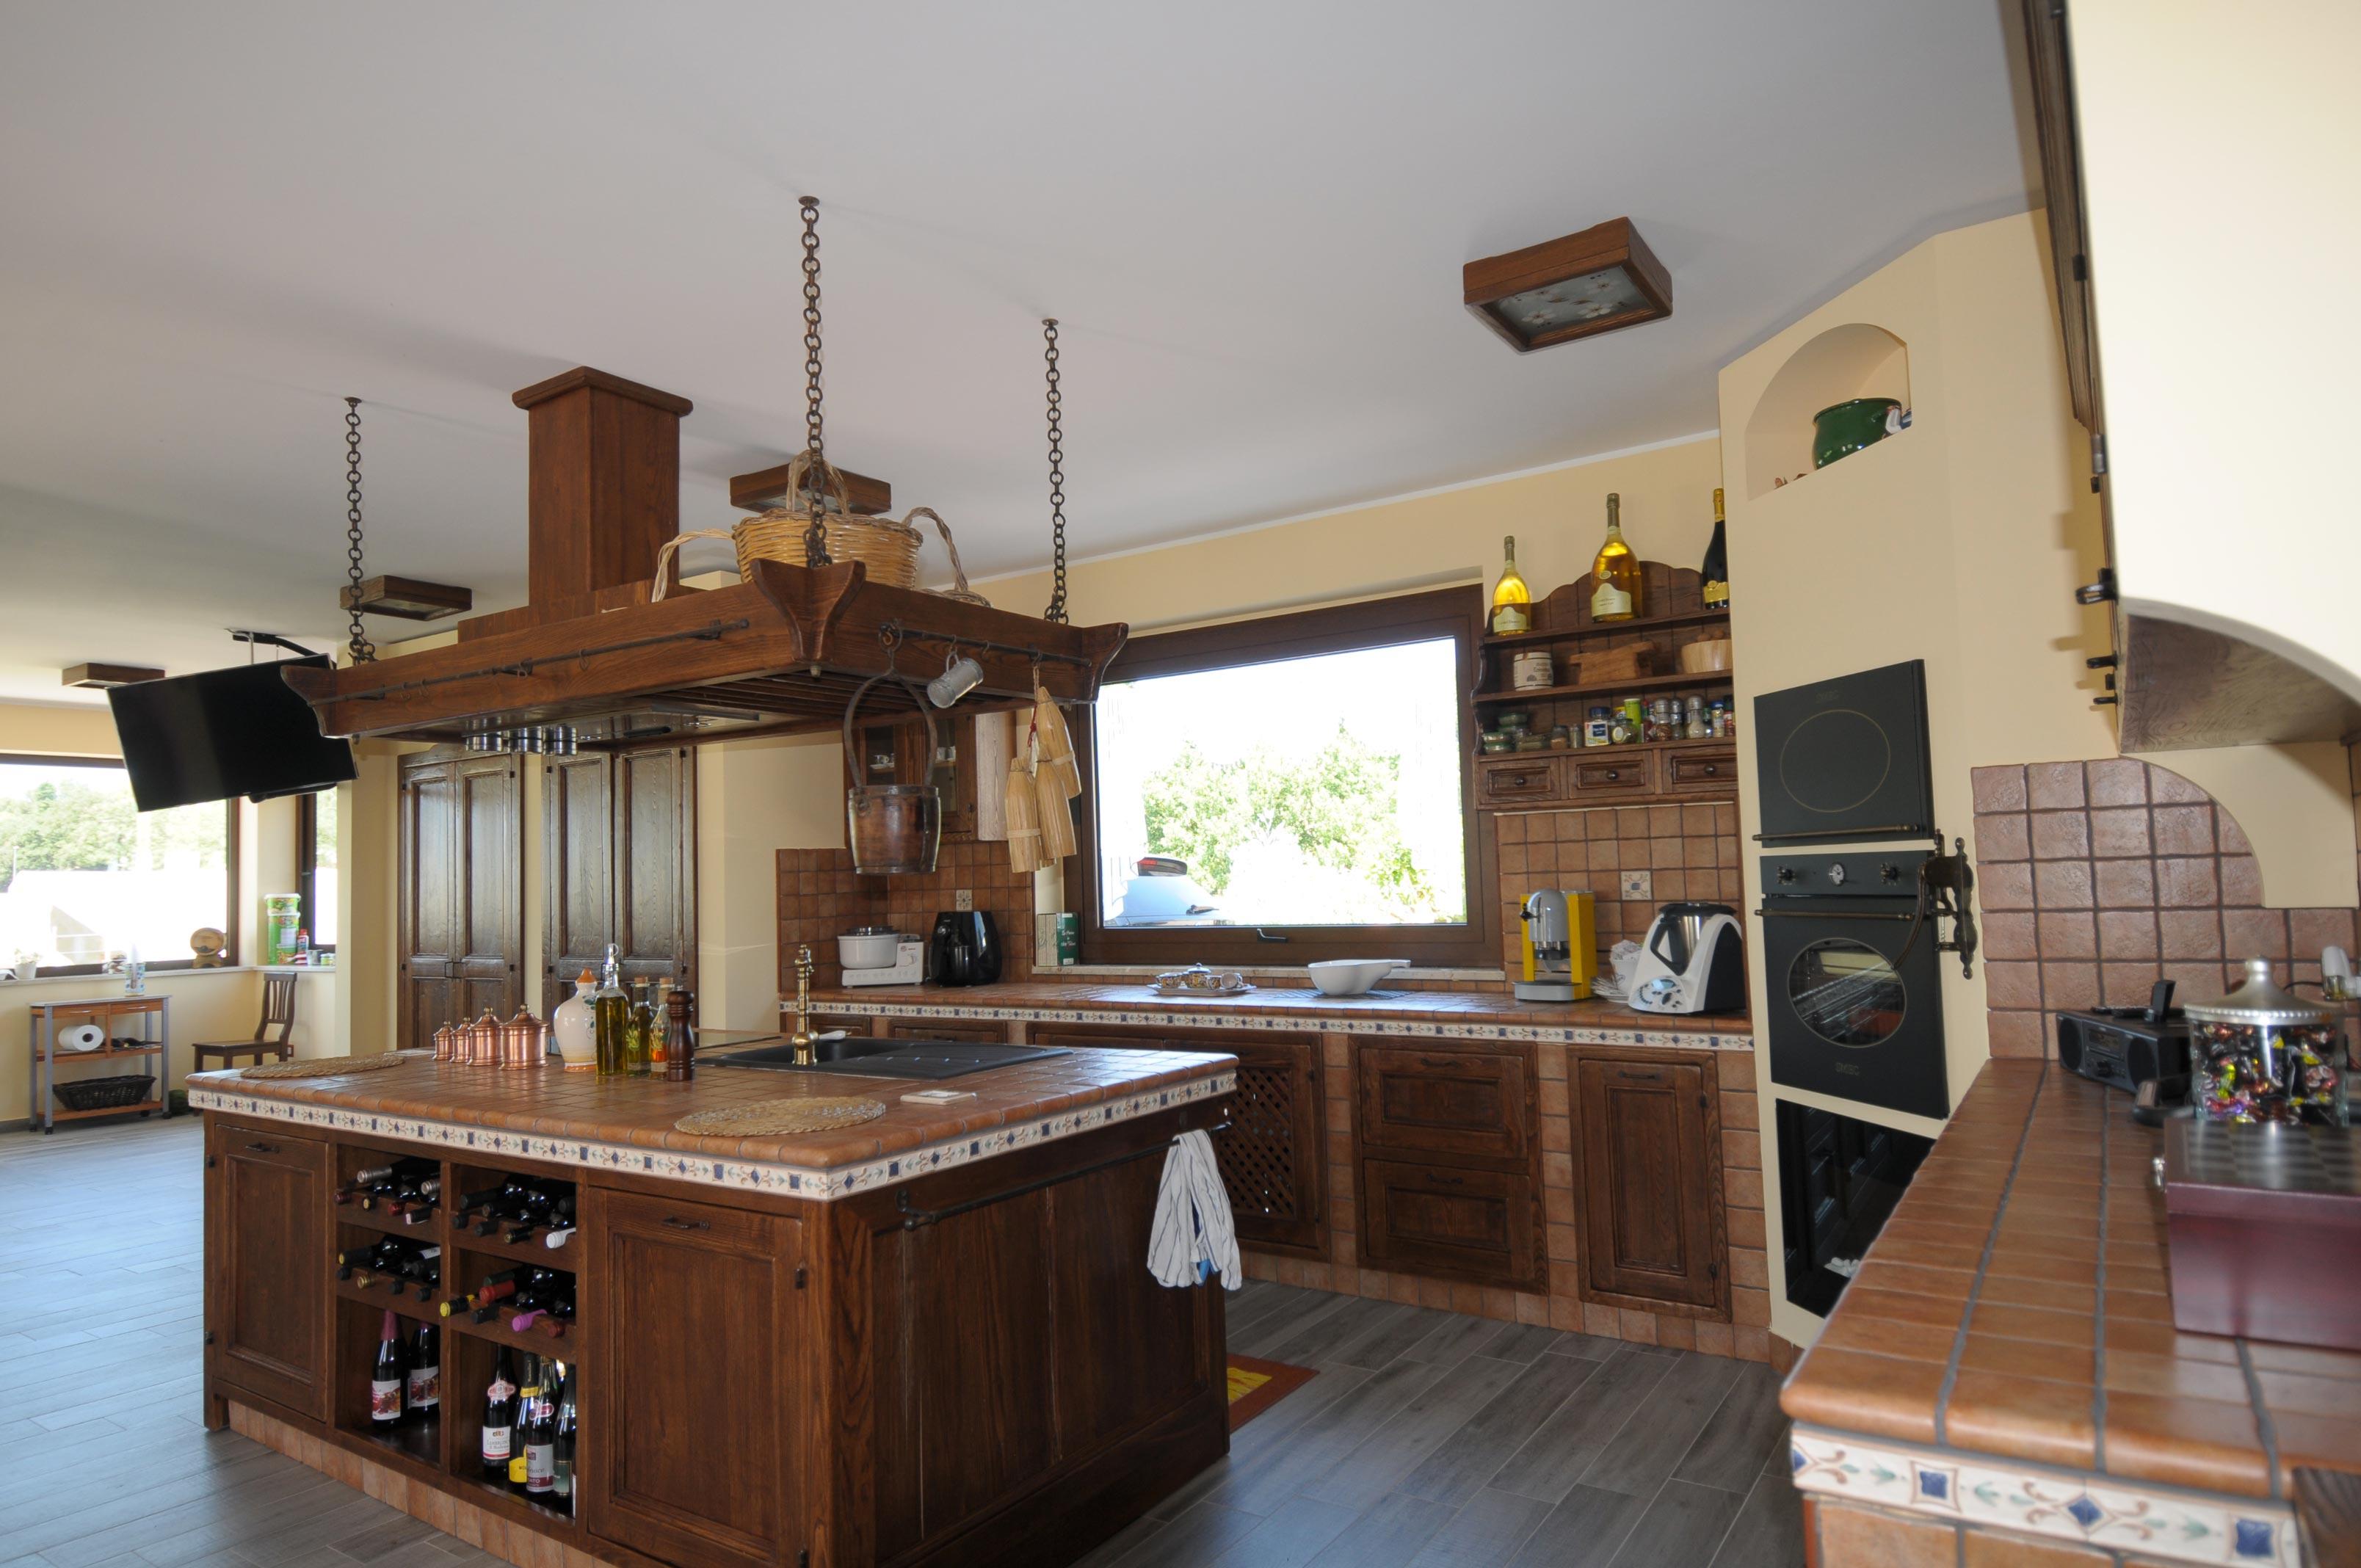 Piano Cottura Per Cucina Muratura.Cucina Finta Muratura Tosca Rivenditori Cucine Sicilia